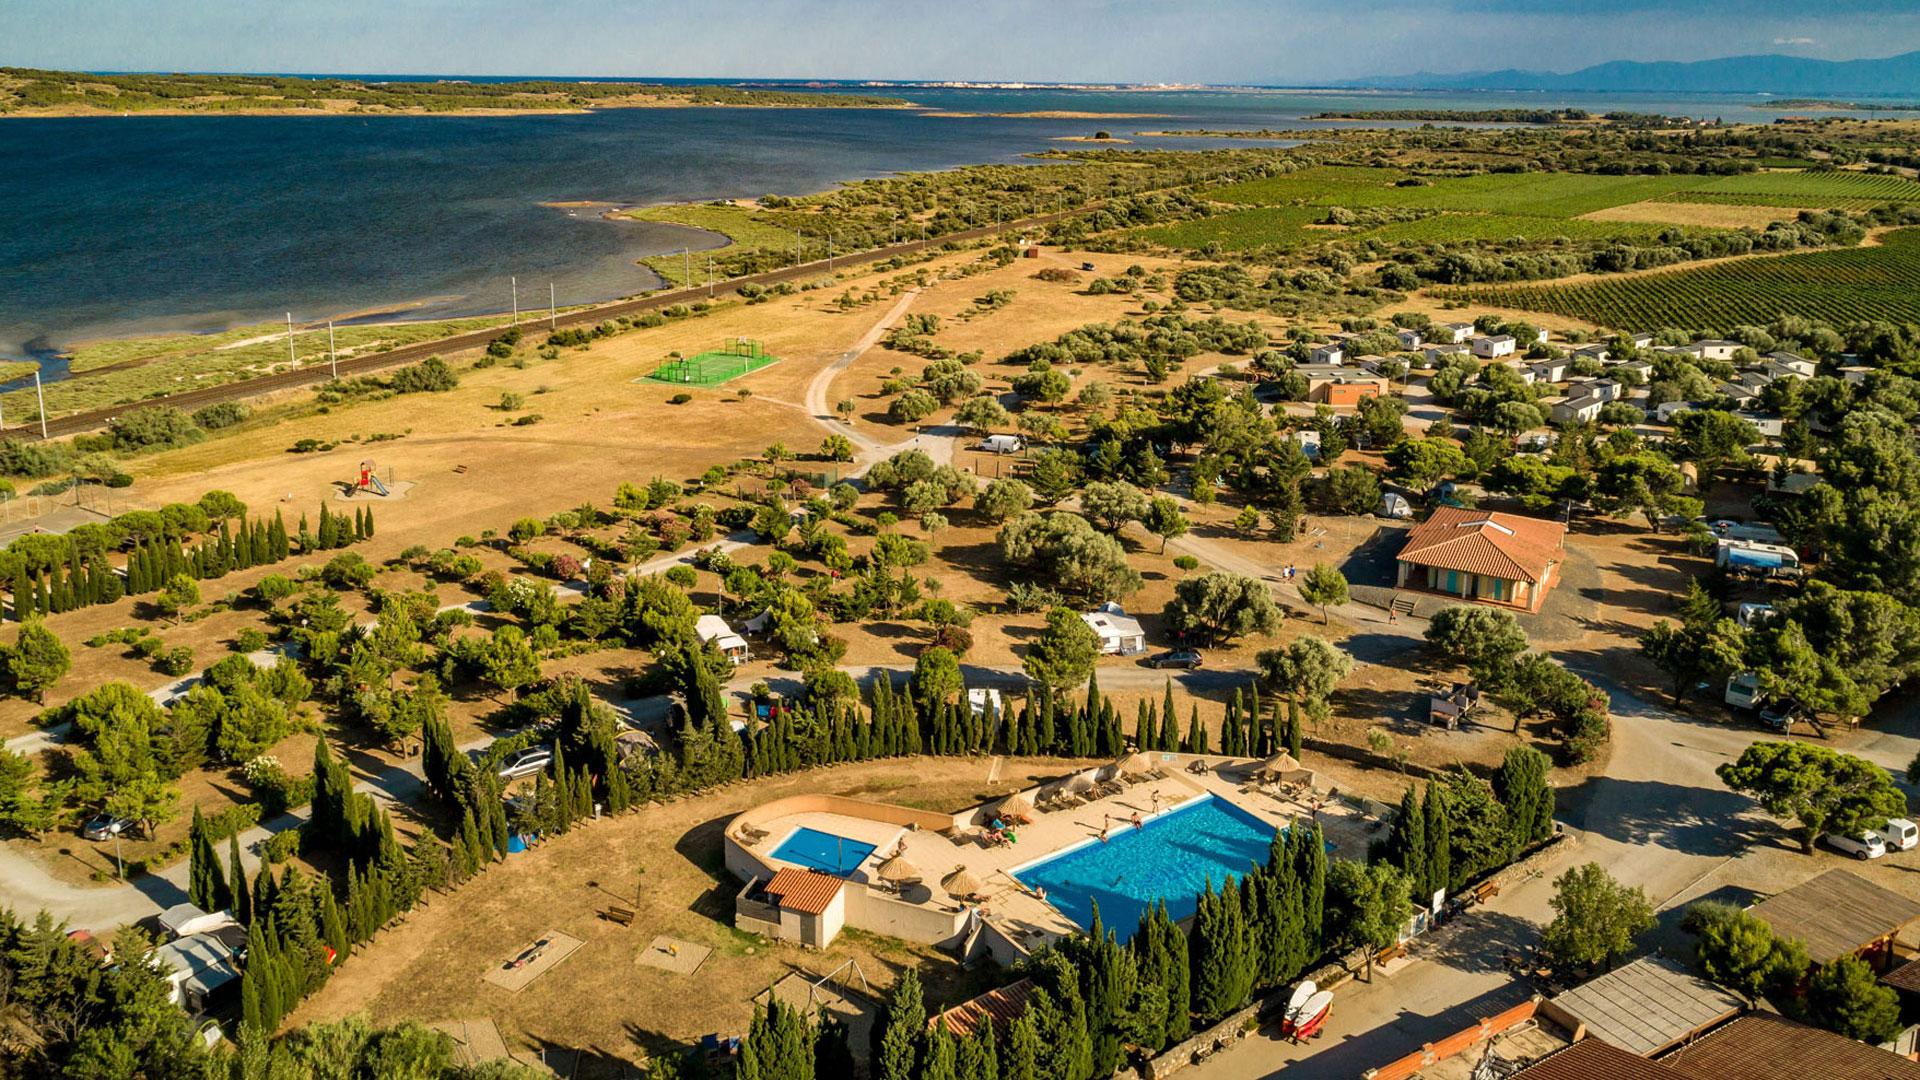 Camping Aude Près De Leucate | Le Fun 3*** Languedoc Roussillon dedans Camping Aude Avec Piscine